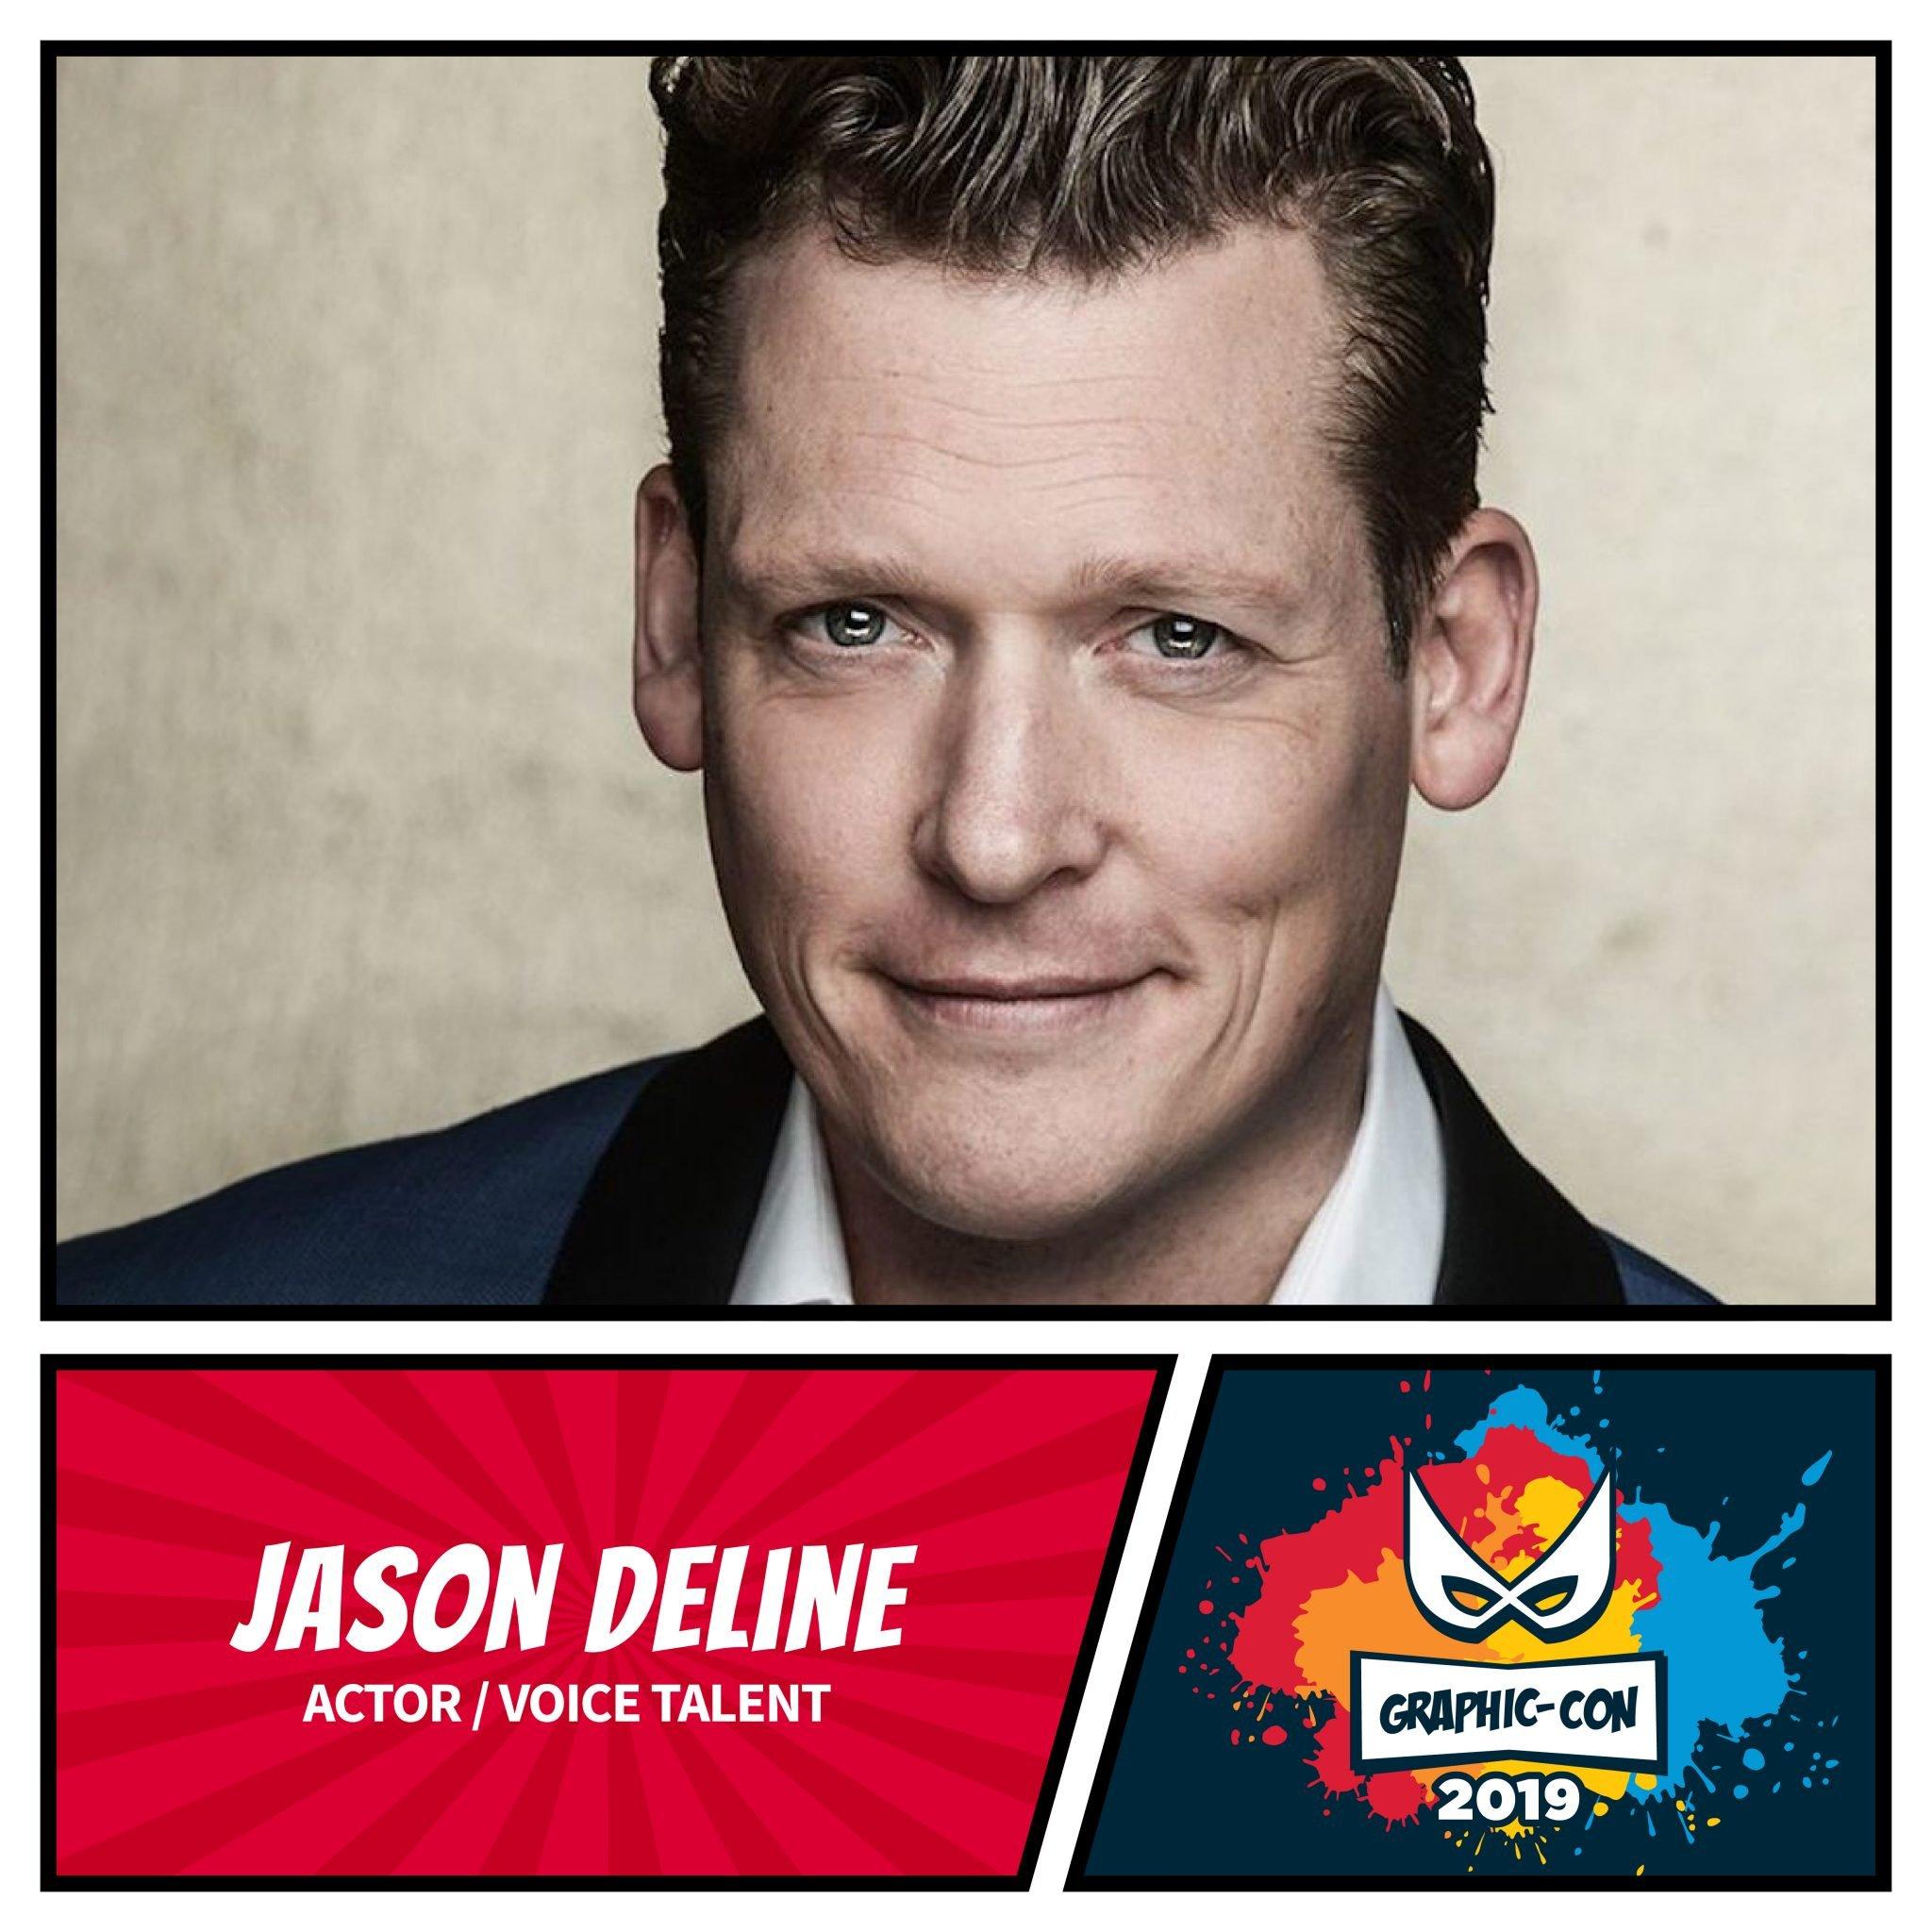 Jason-deline-announcement